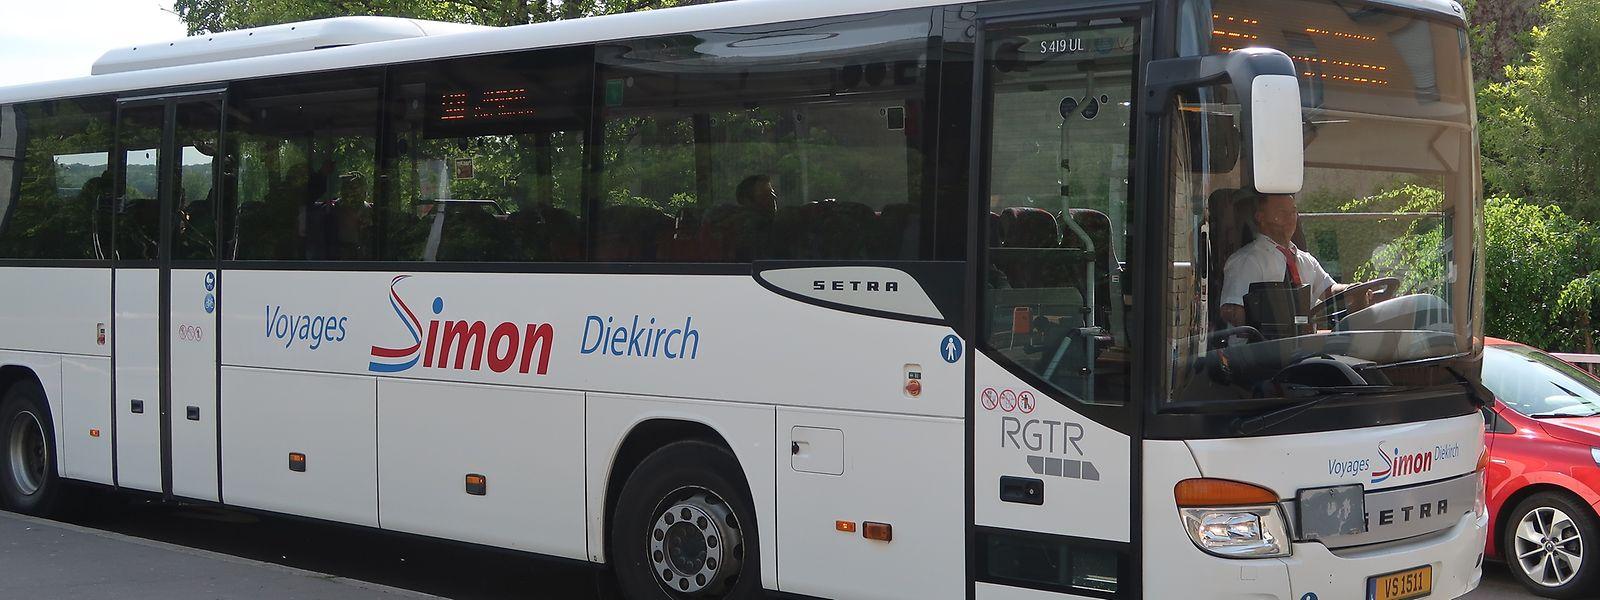 Die bekannten Busse mit dem Simon-Logo sollen auch nach der Übernahme weiter fahren.